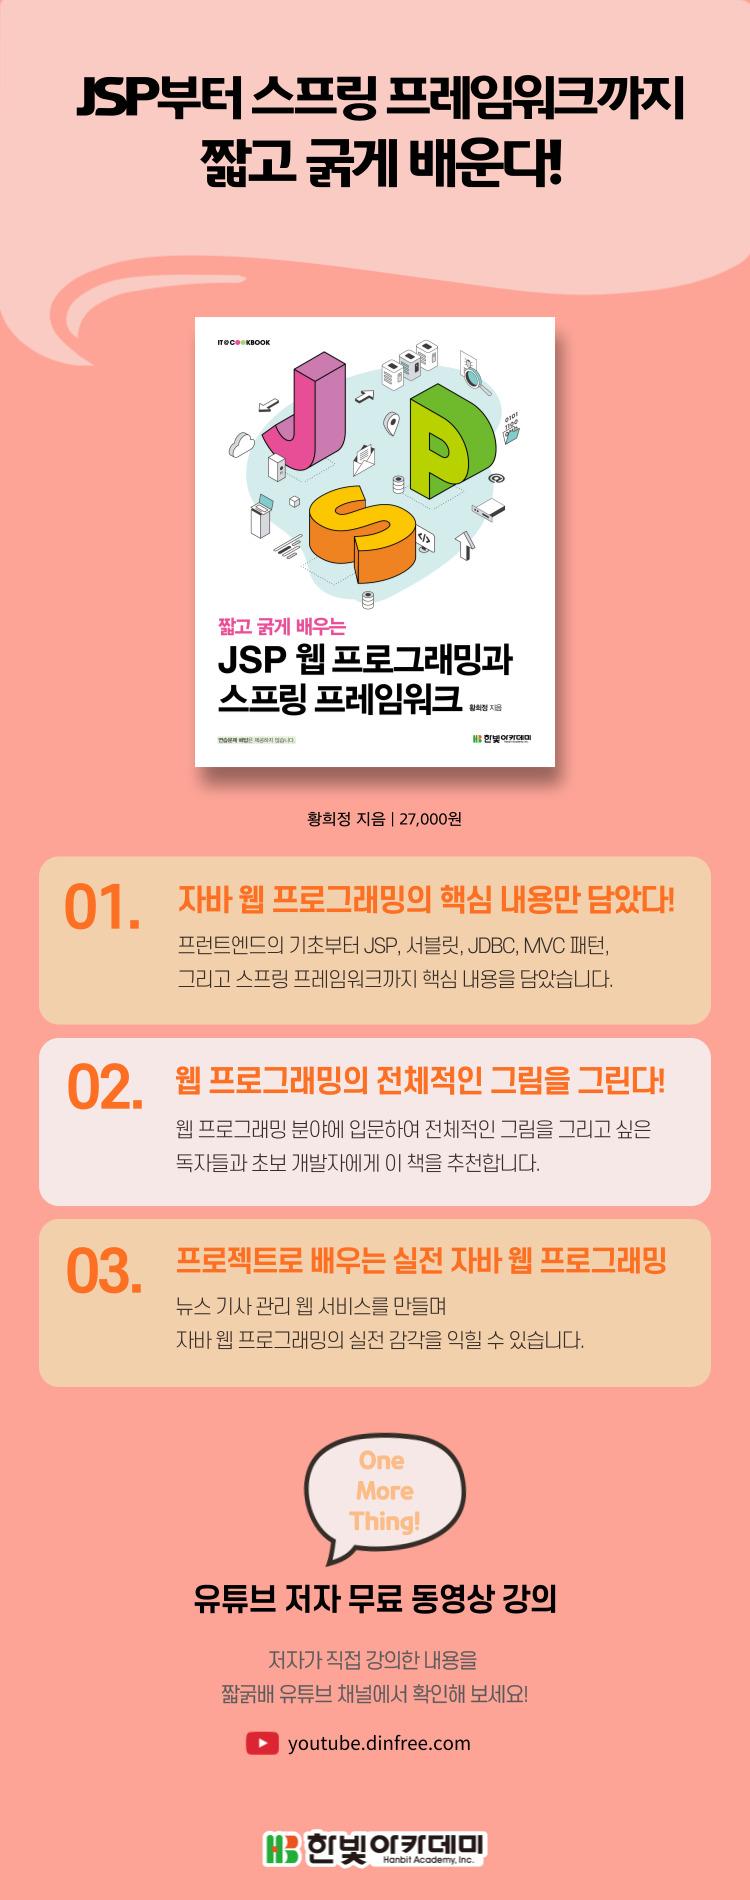 상세페이지_짧고 굵게 배우는 JSP 웹 프로그래밍과 스프링 프레임워크.jpg